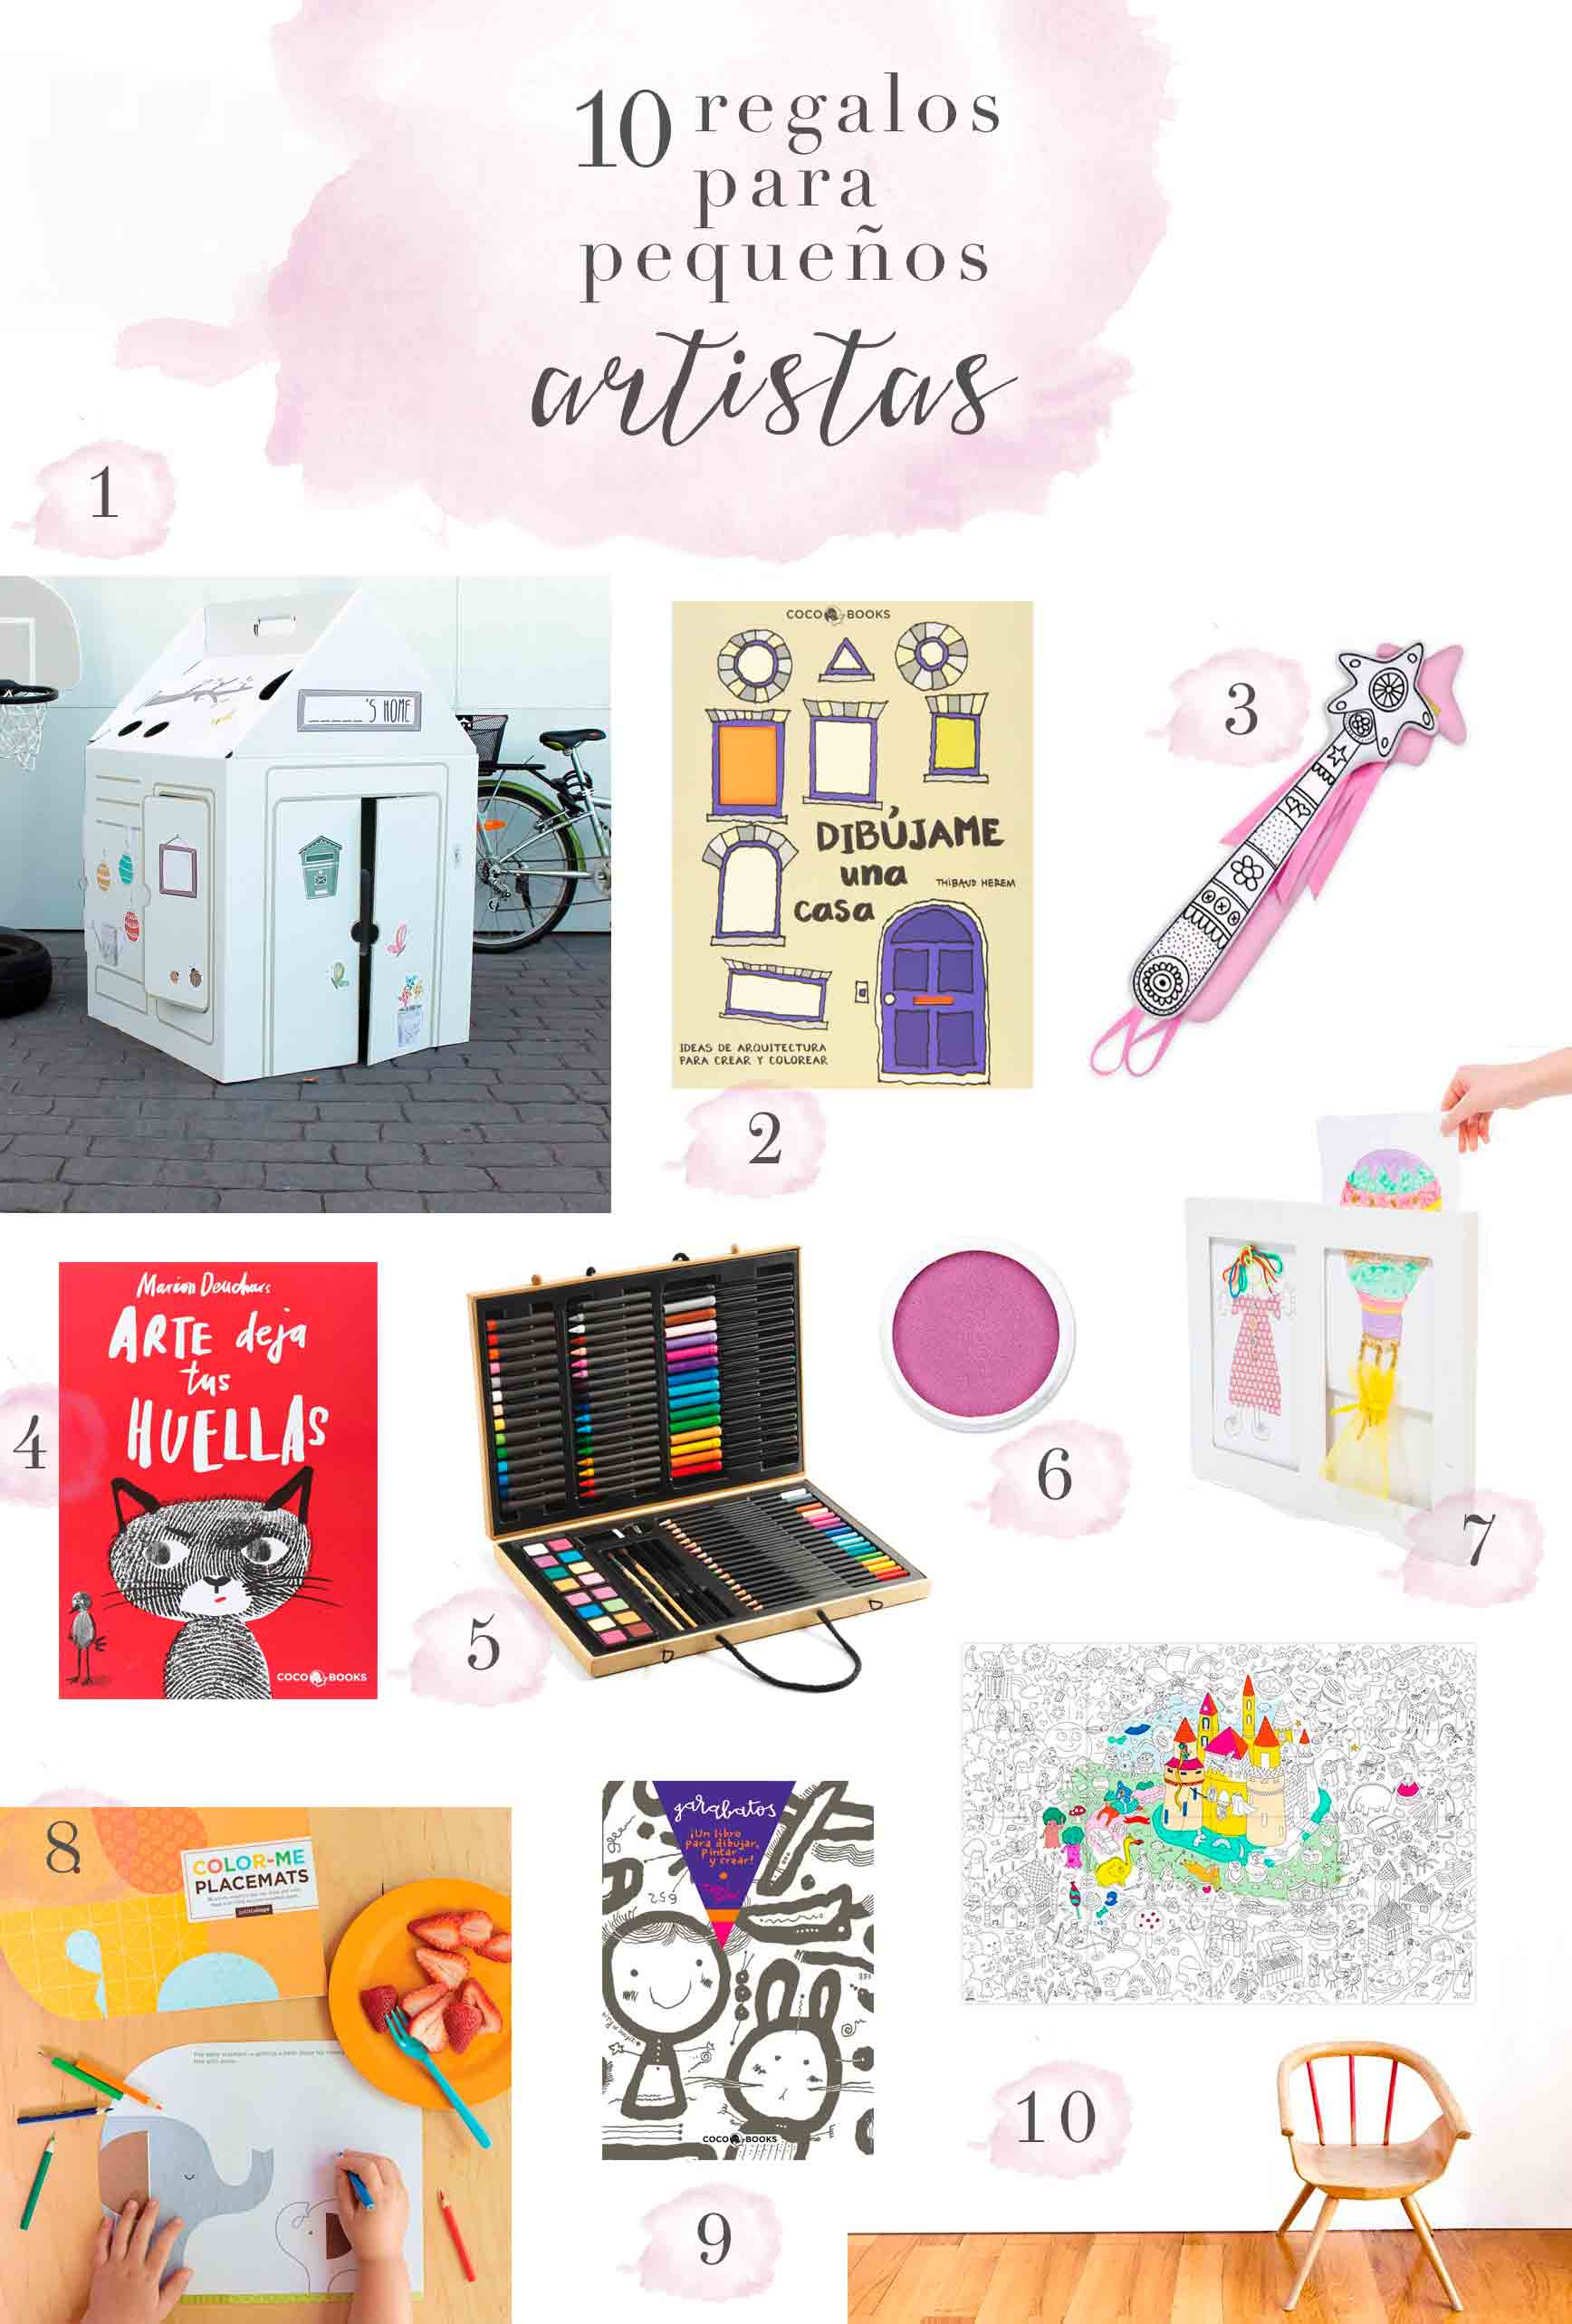 regalos para pequeños artistas